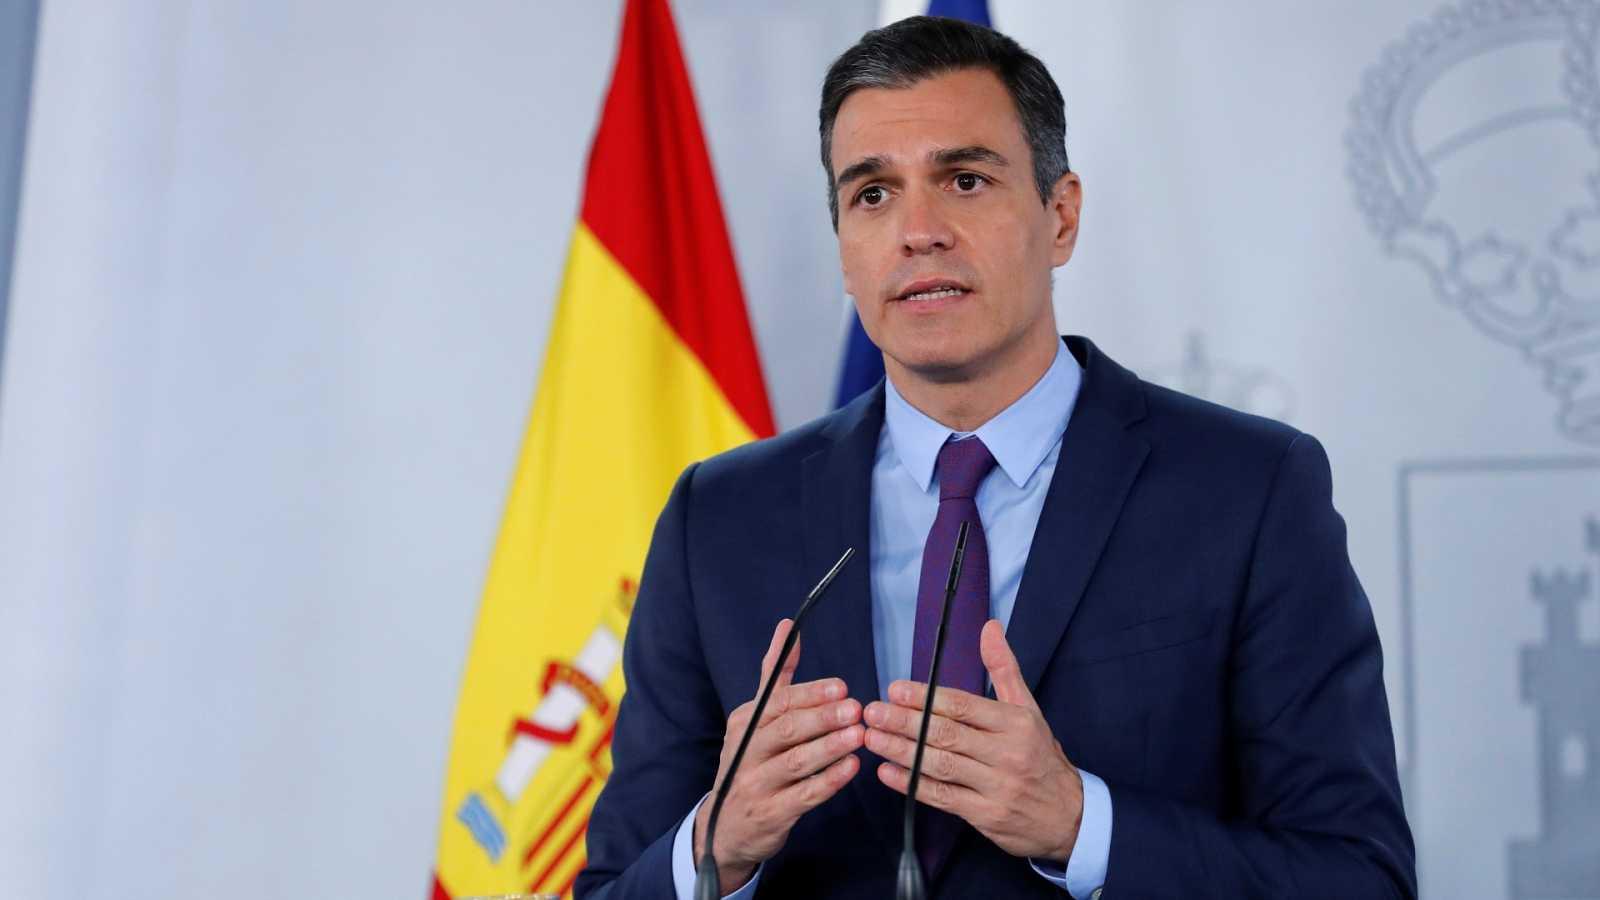 """Sánchez avisa de que la situación es """"grave"""" y pide """"unidad"""" para """"doblegar la curva"""""""